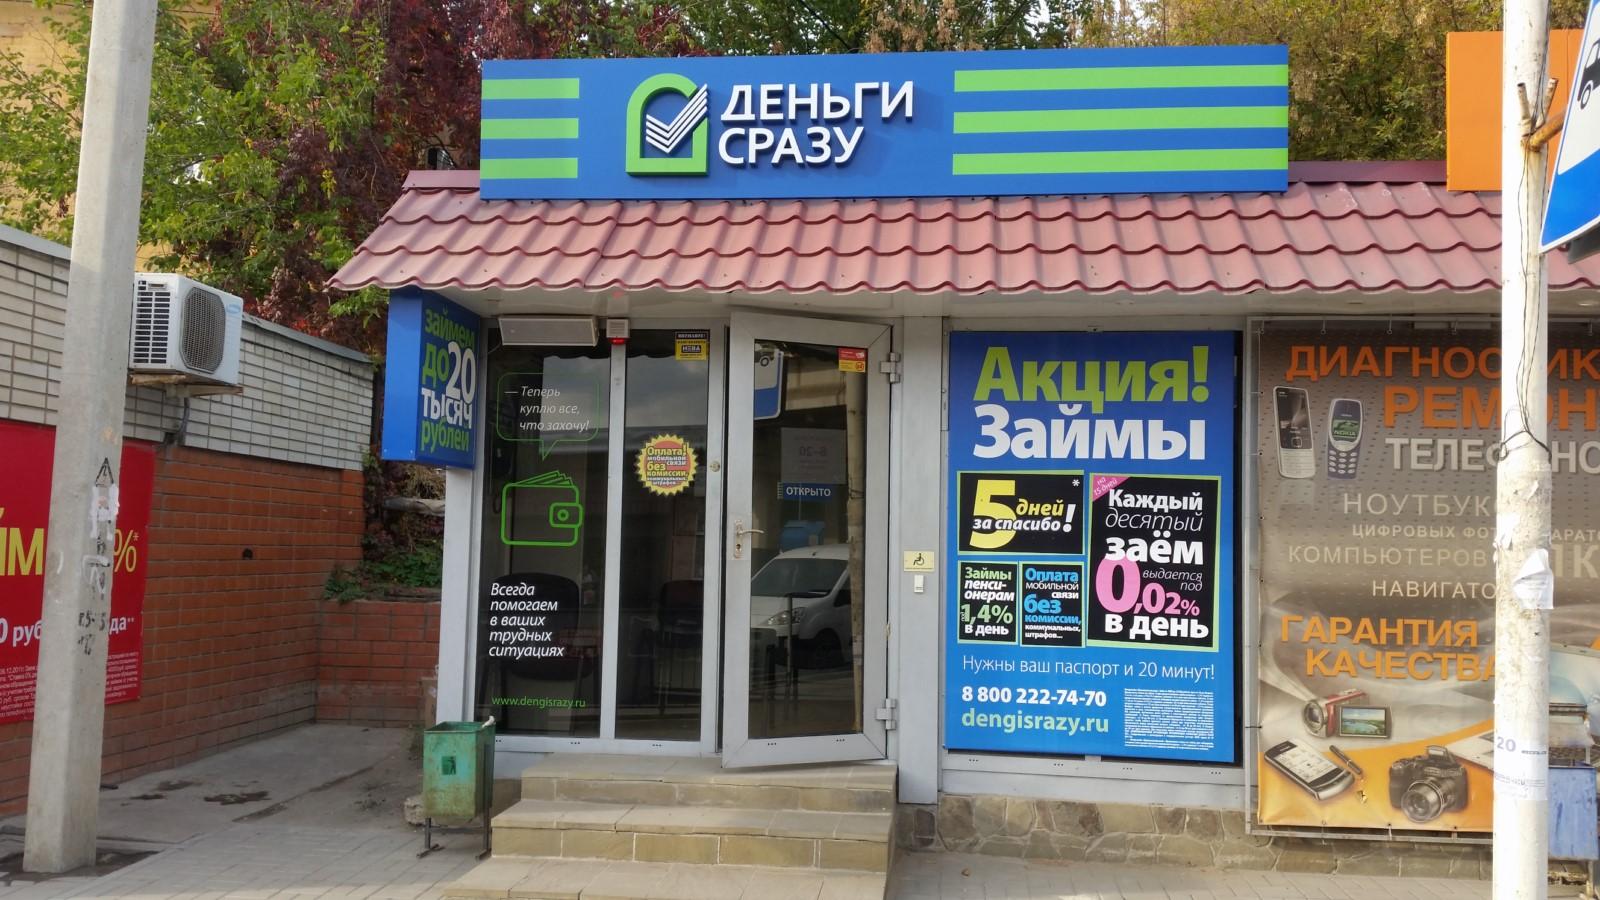 деньги сразу ru оплатить займ